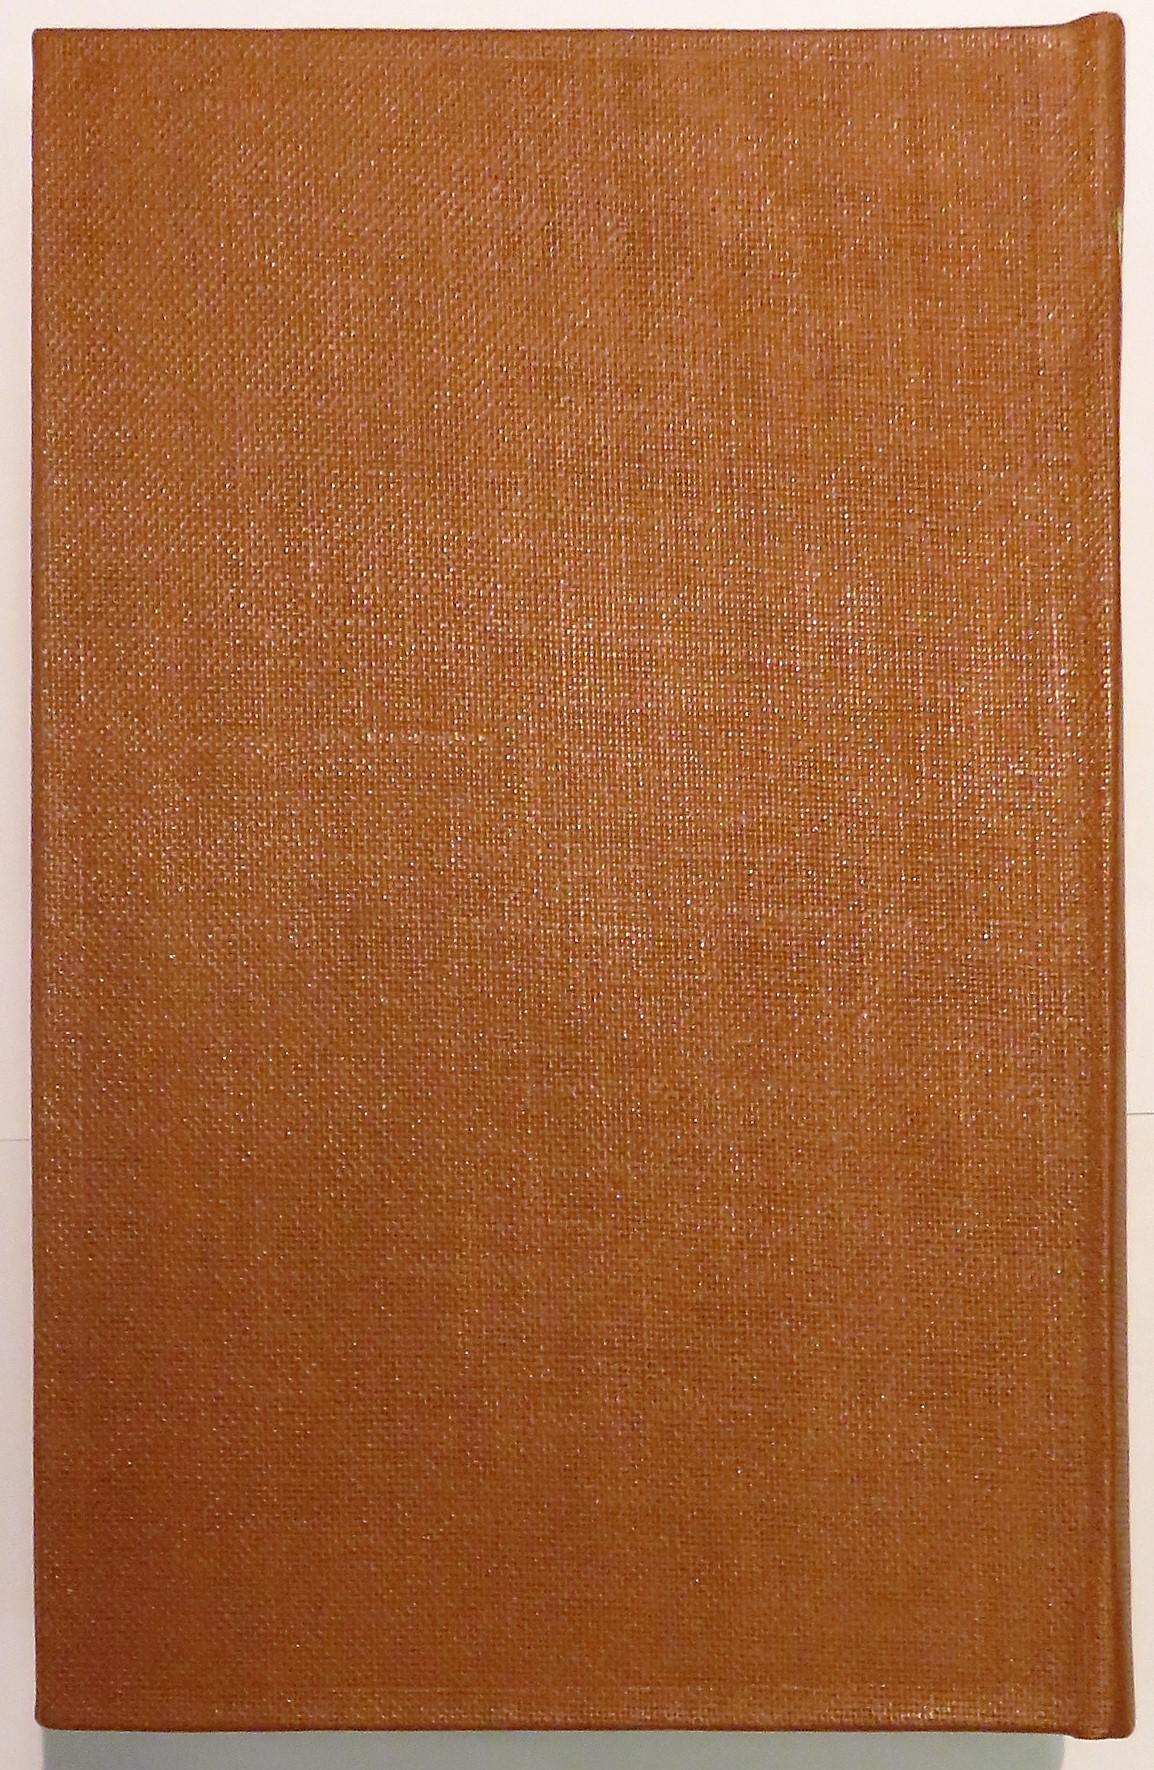 **Wisden Cricketers Almanack for 1903**